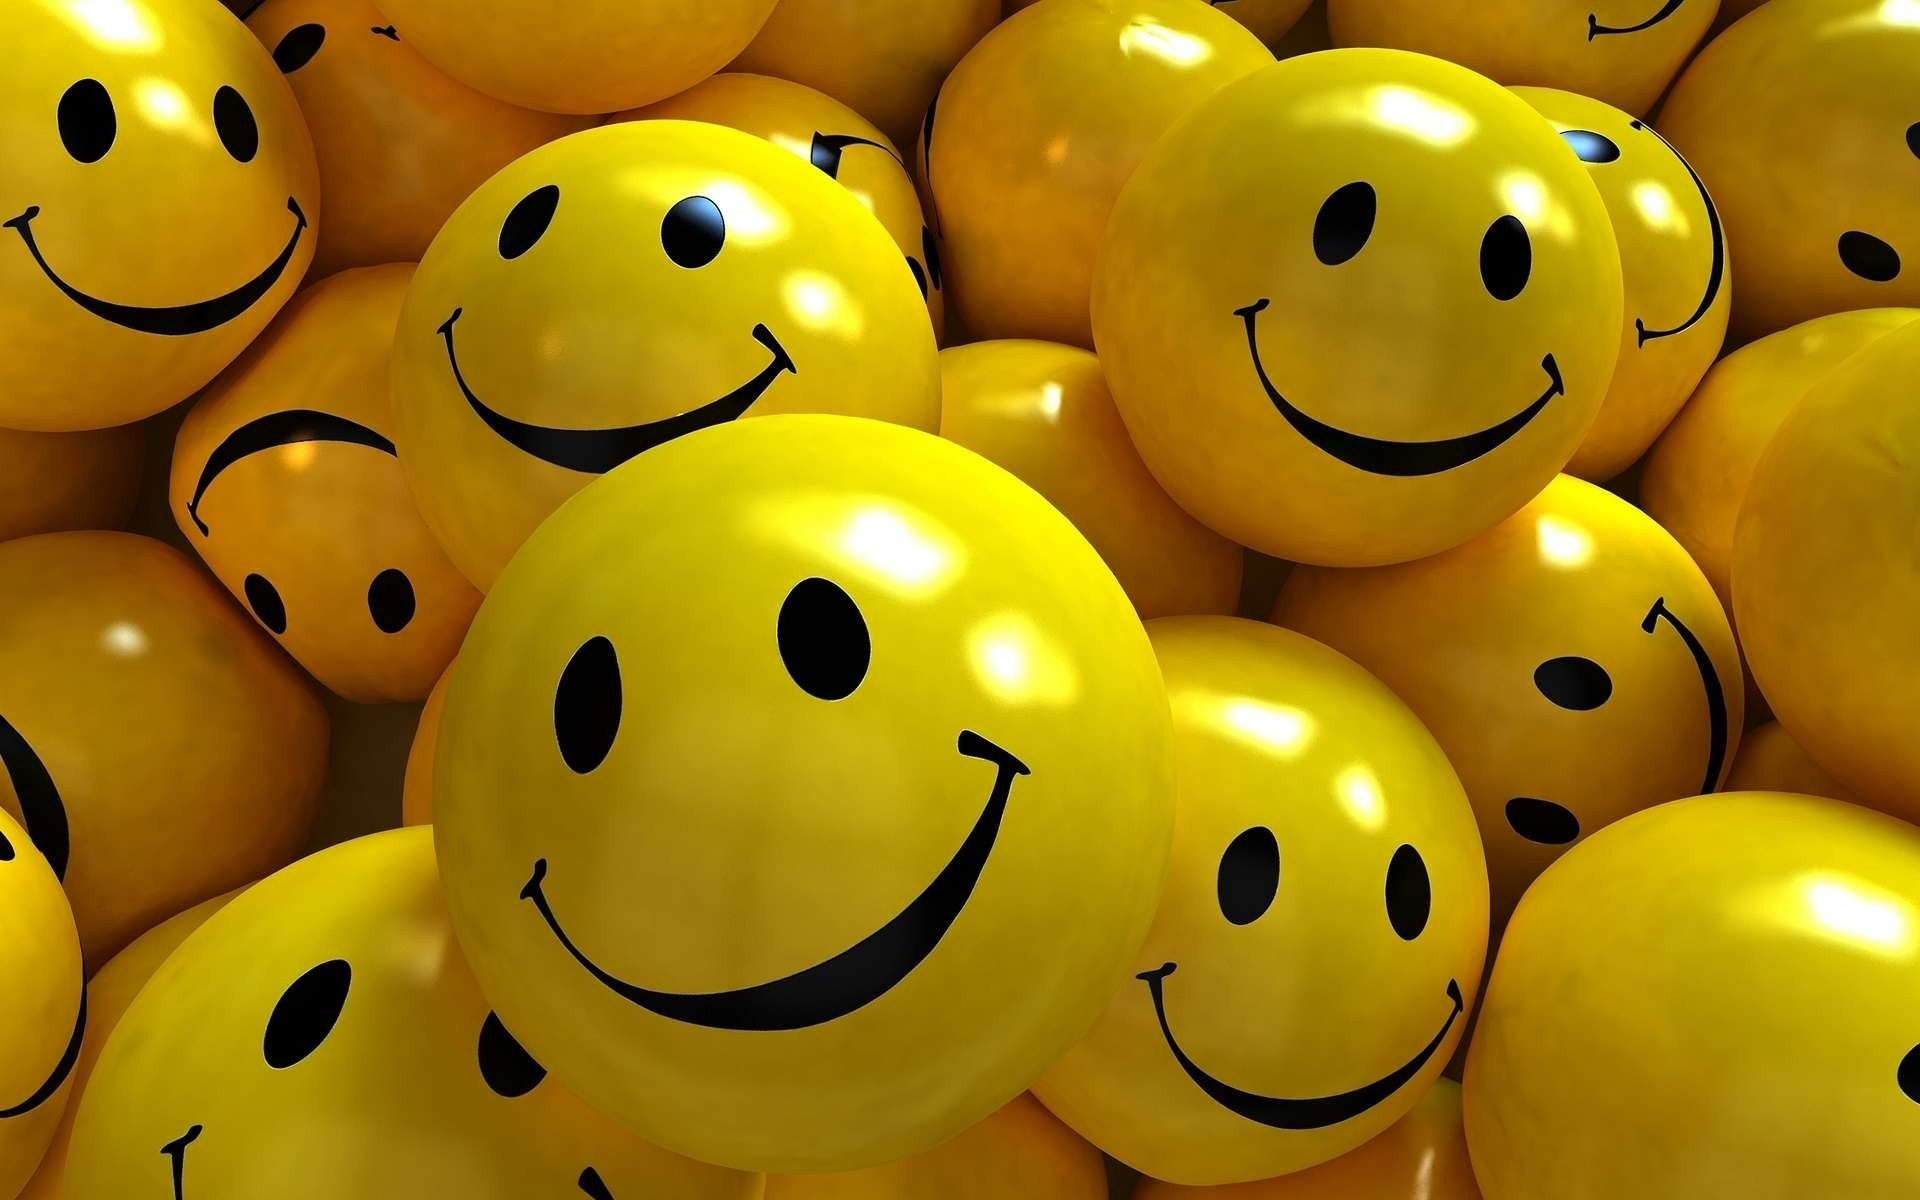 Smiles Smile Yellow Wallpaper